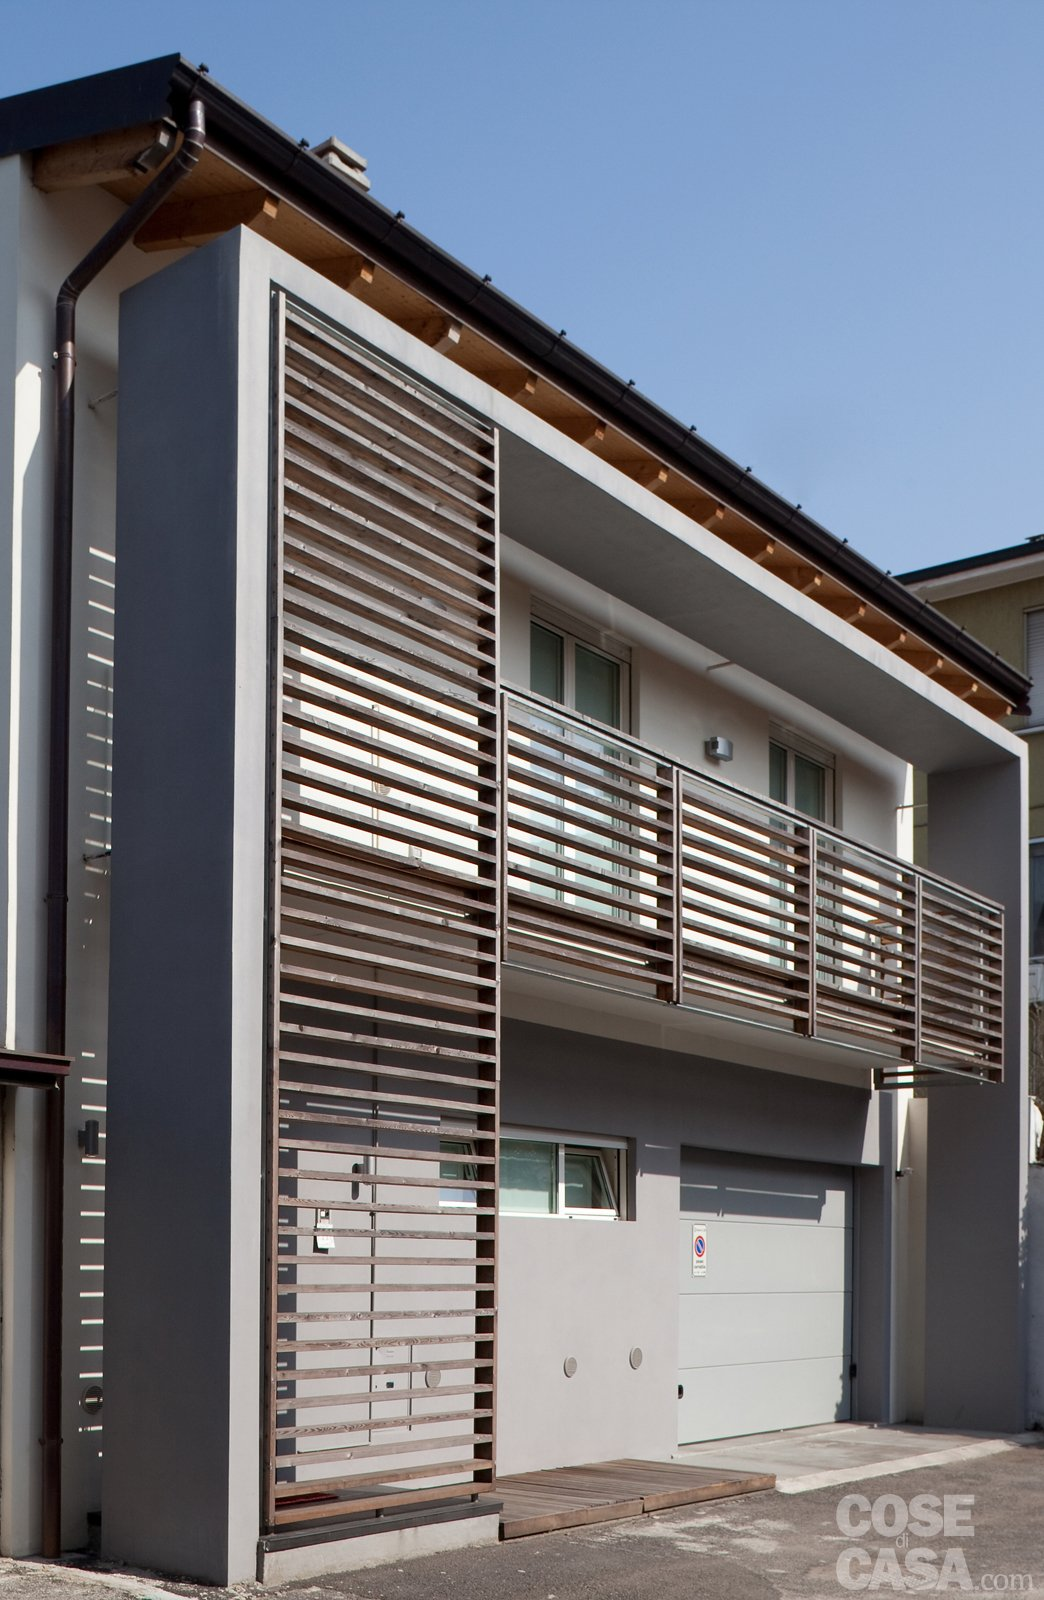 Una casa ristrutturata per il risparmio energetico cose for Case di casa